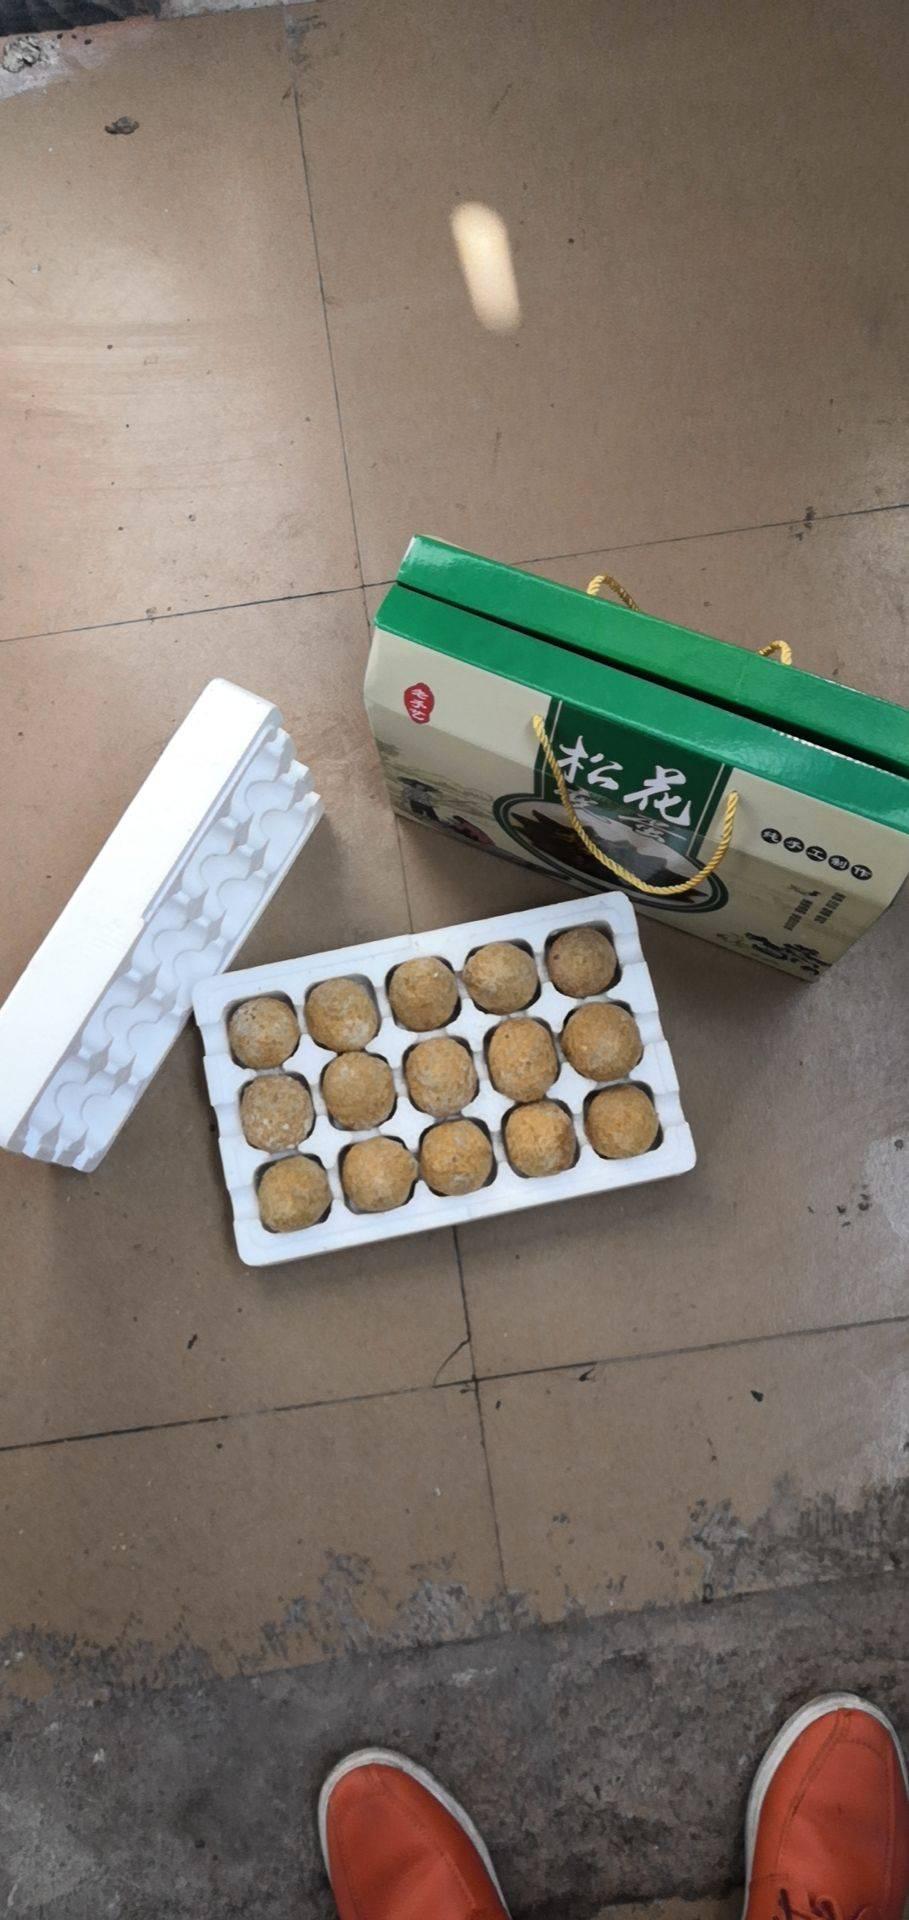 [松花鸭蛋批发]松花鸭蛋 老手艺,纯手工,,老味道价格38元/盒